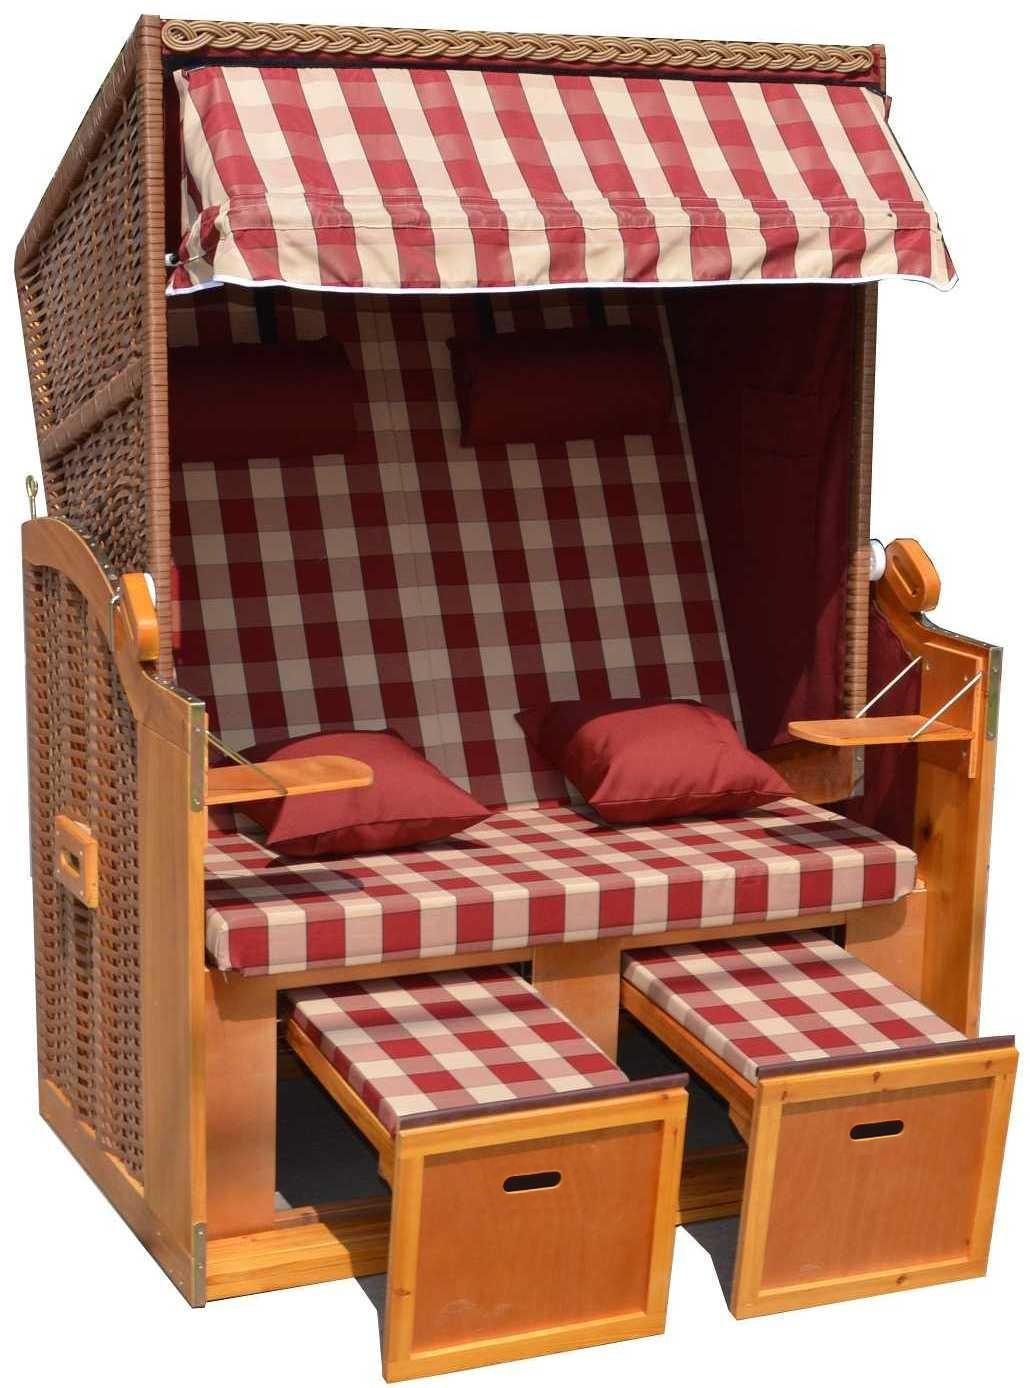 wellness strandk rbe strandkorb halblieger liegekorb farben und modell auswahl. Black Bedroom Furniture Sets. Home Design Ideas